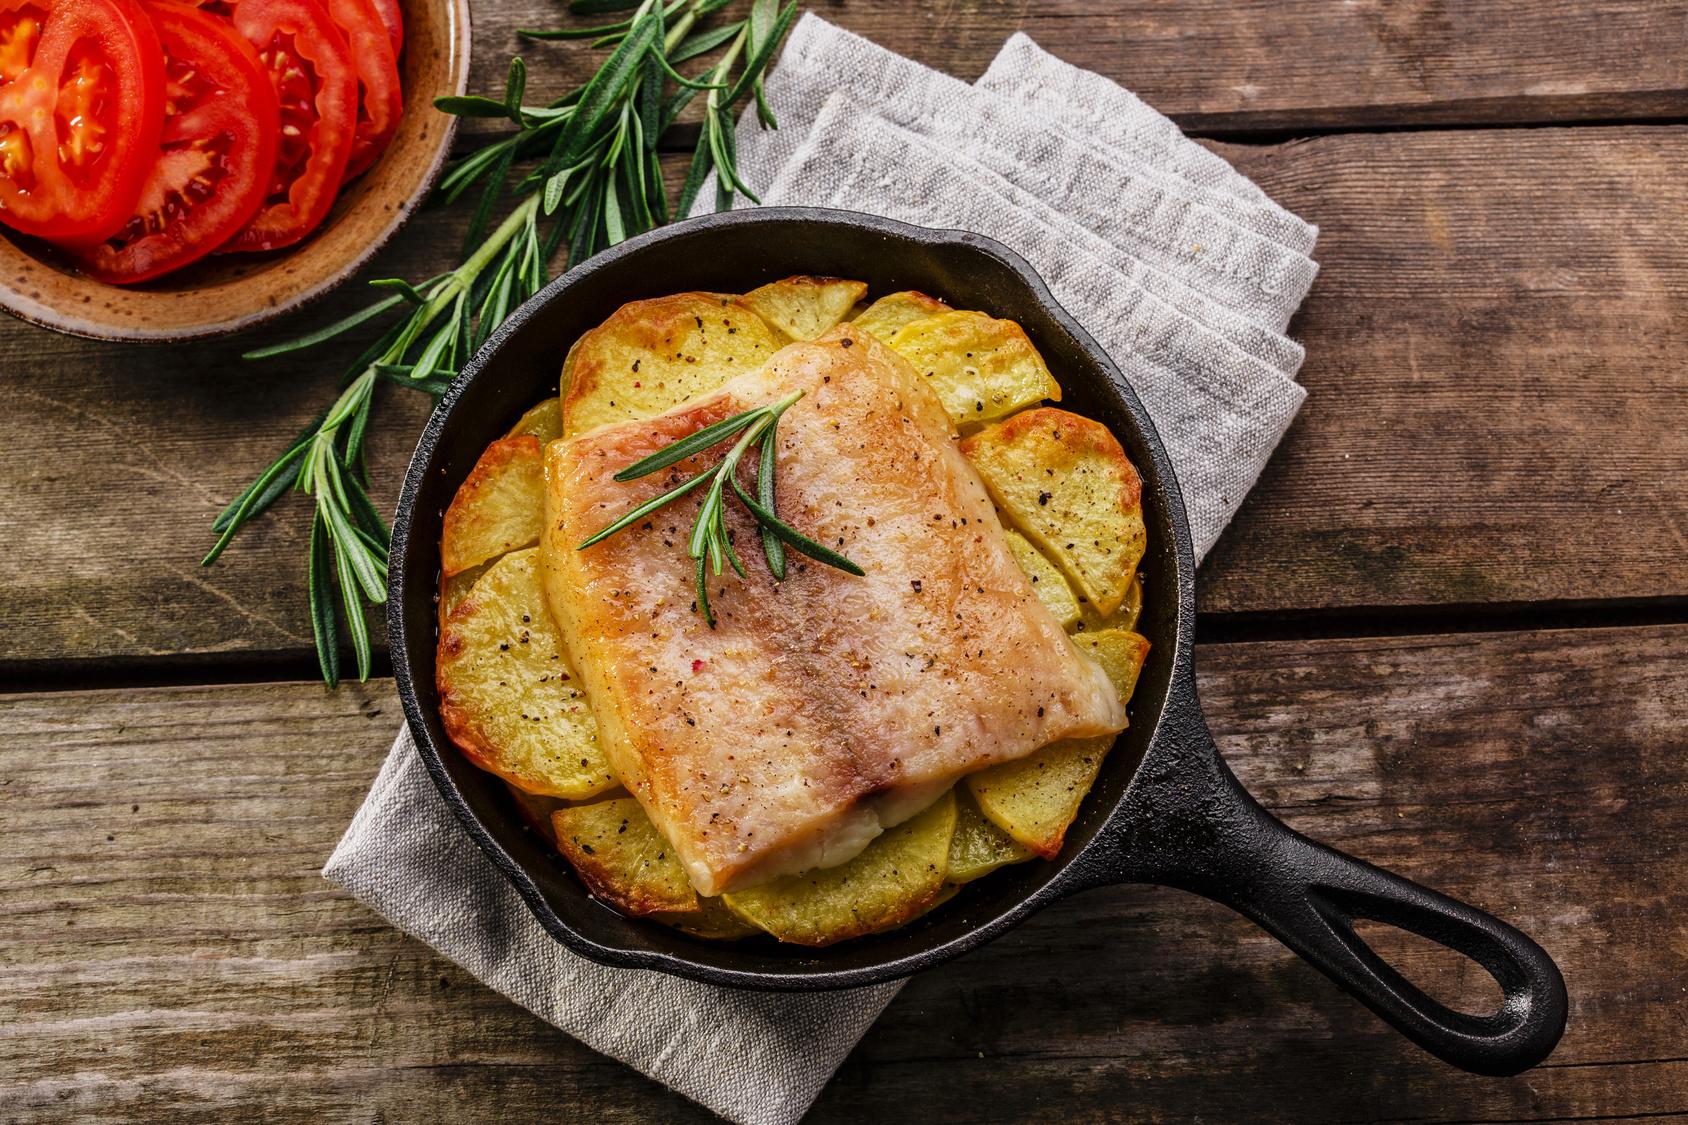 PFANNENFISCH   Fisch, Kirschtomaten mit etwas Öl und BACKOFEN Gourmetsalz  Dill-Petersilie einreiben. Auf Baguettescheiben legen und im Ofen bei 180 °C für ca. 20–30 min backen.